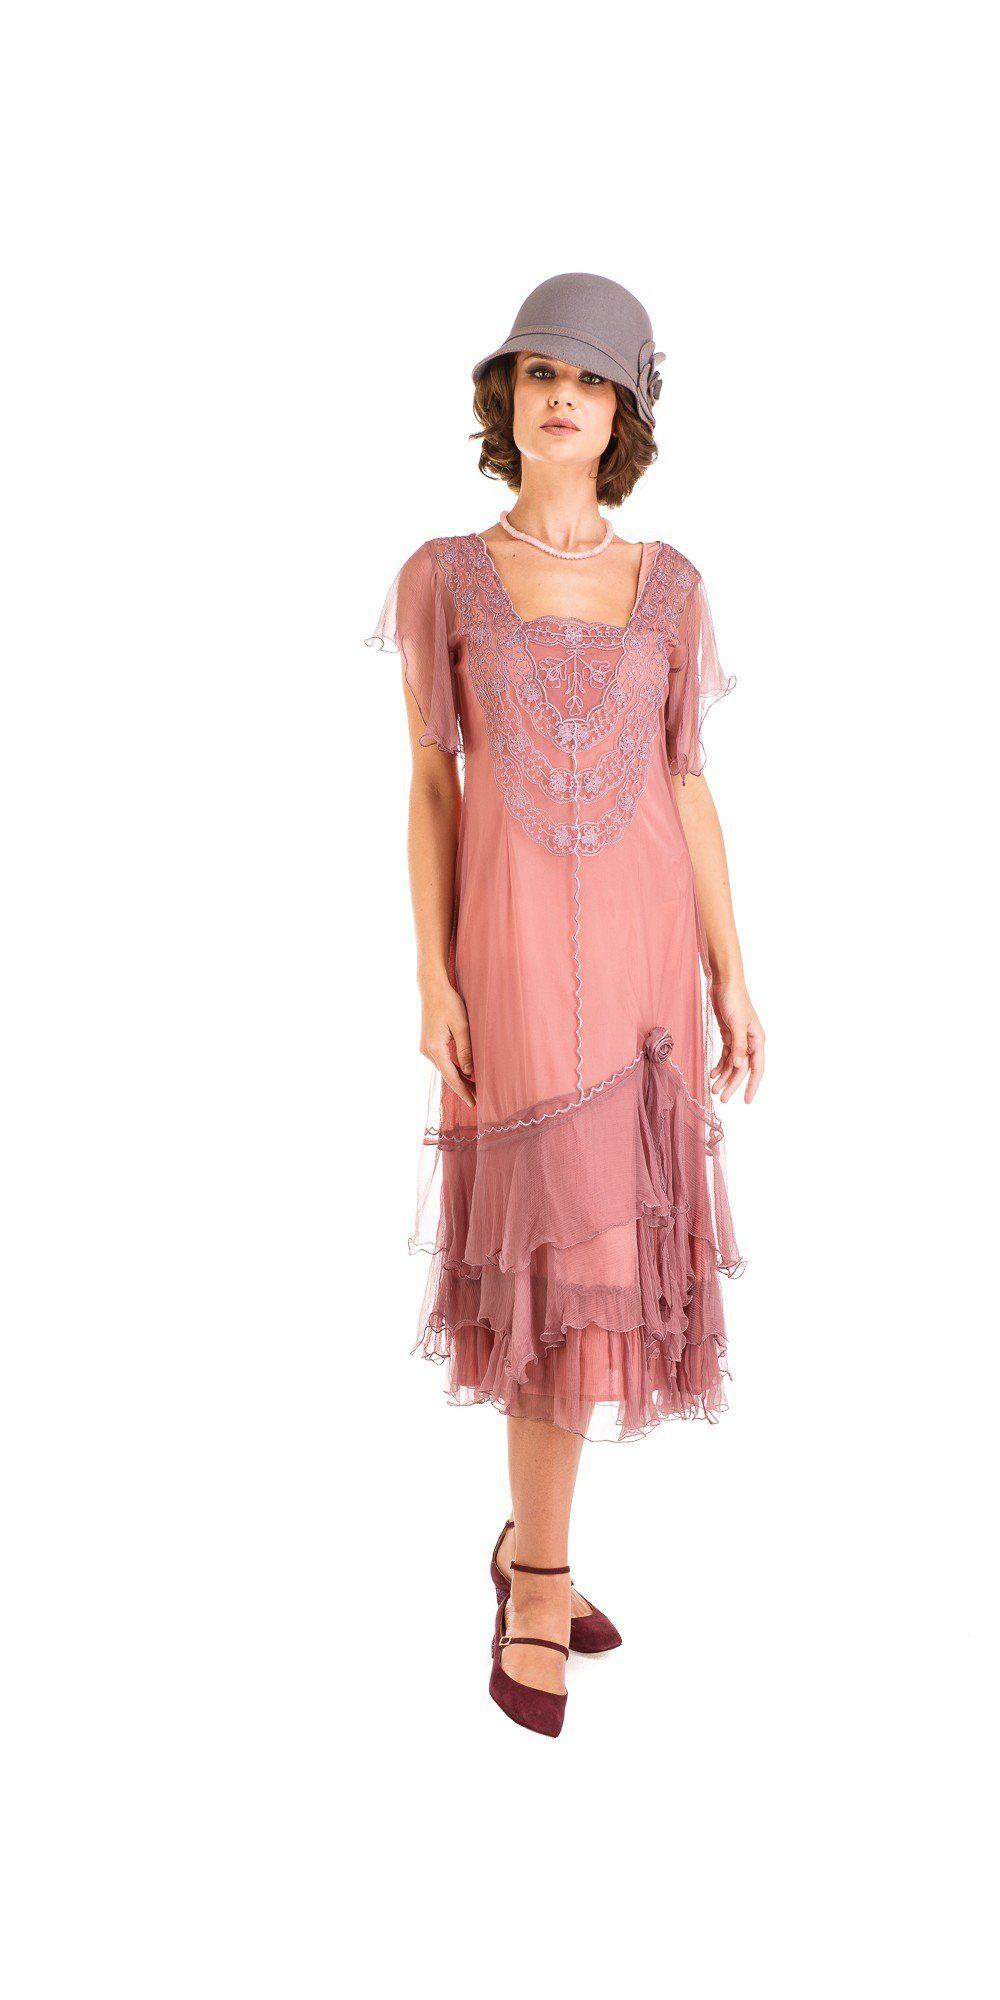 Hermosa Vestido De Novia St Louis Fotos - Colección del Vestido de ...